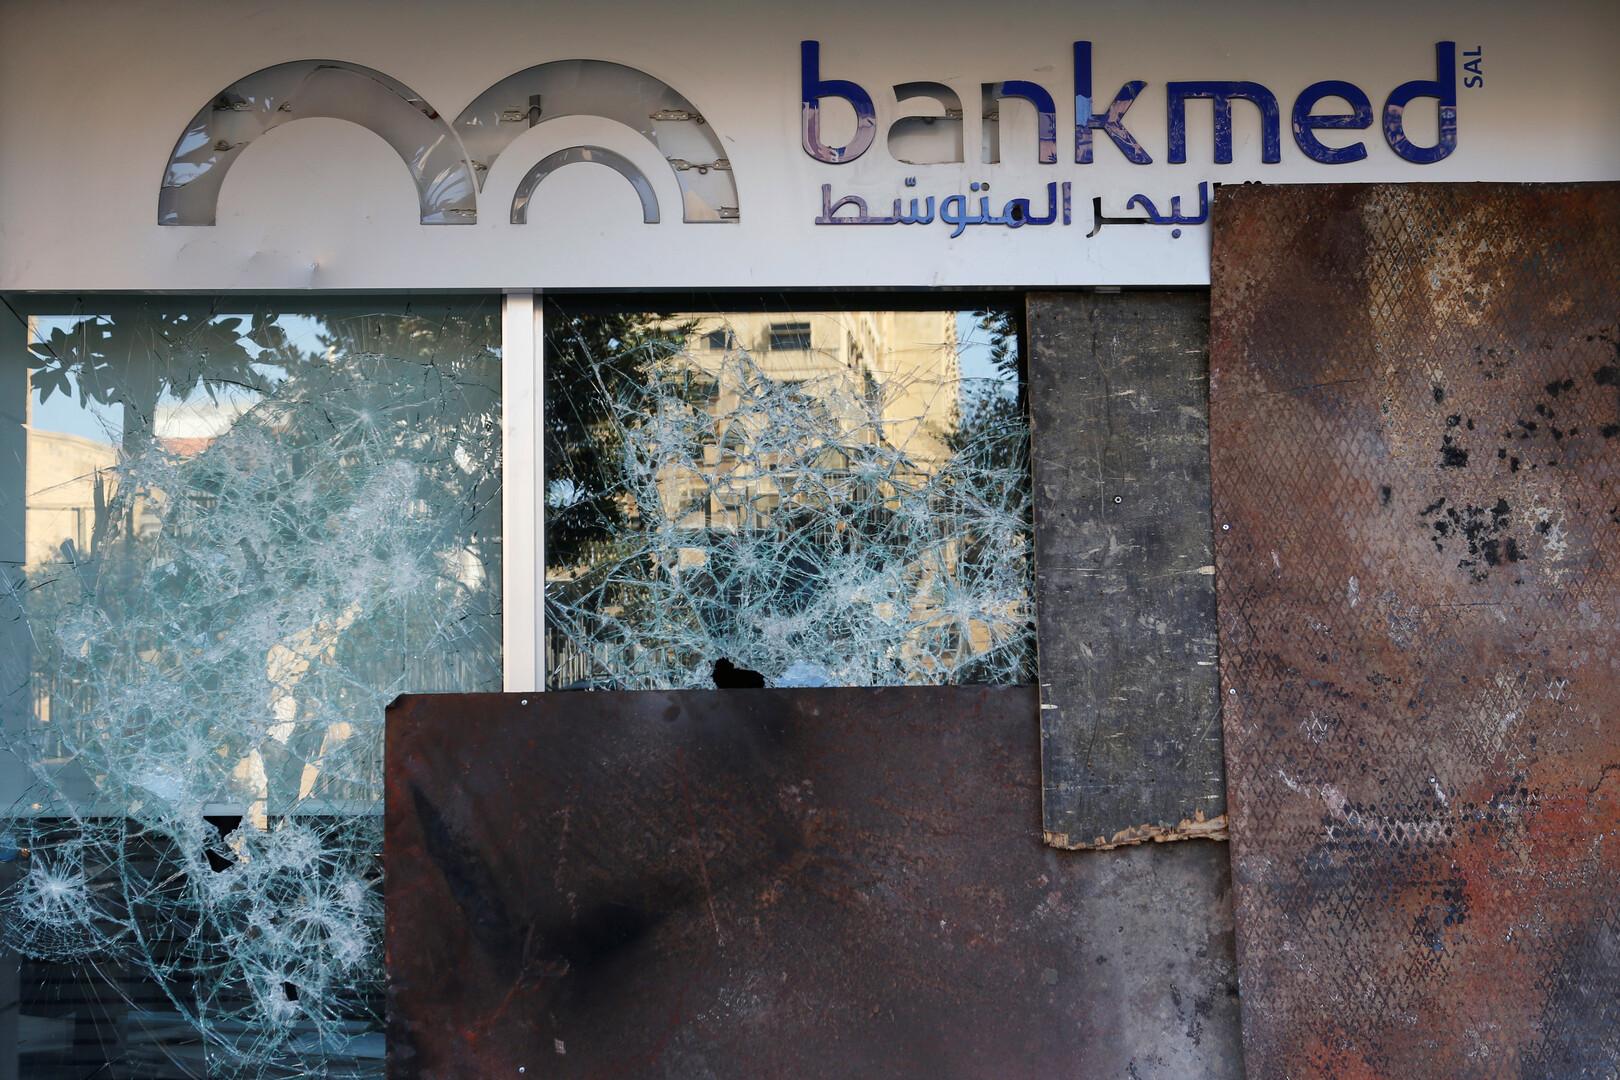 البنوك اللبنانية مغلقة الاثنين بسبب الاحتجاجات